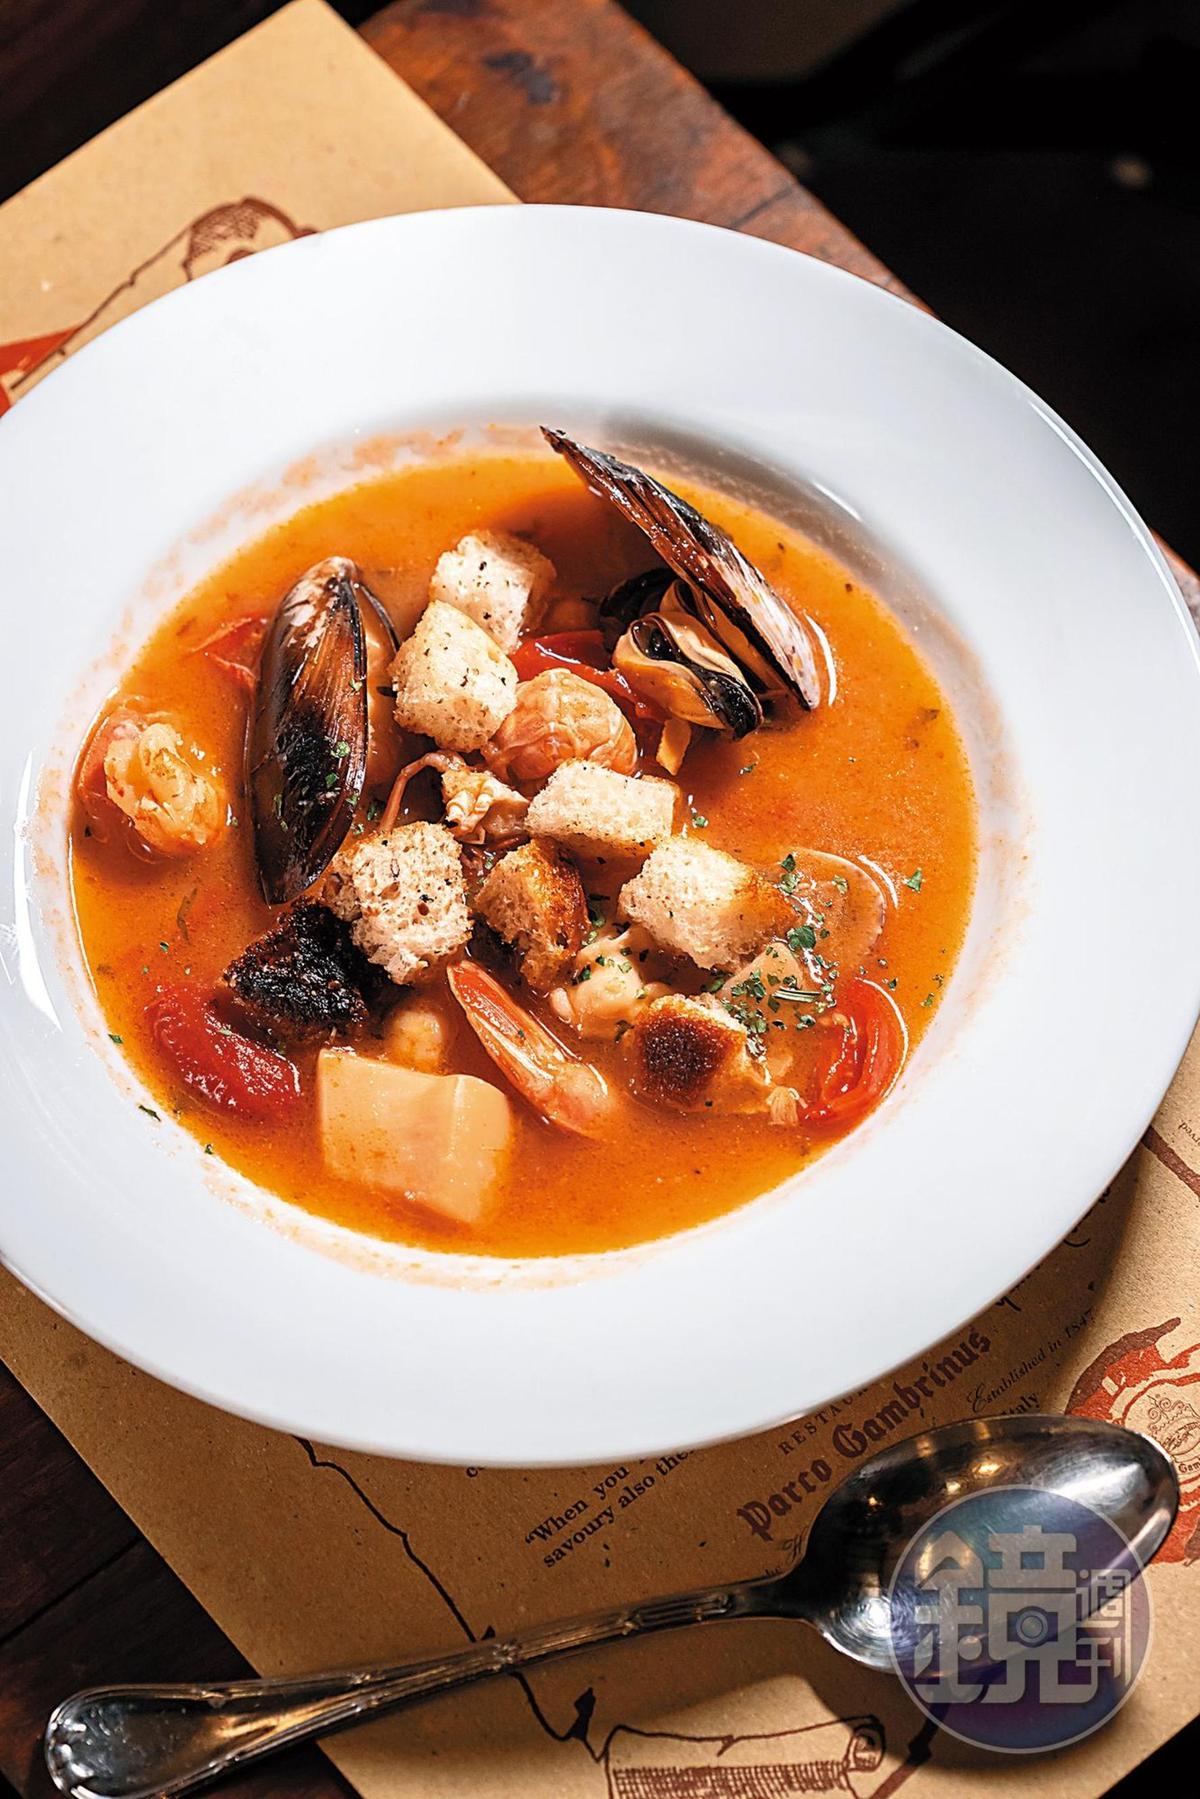 Prosecco的酸味,能讓義式海鮮湯中來自番茄、甲殼類的豐富氨基酸更加鮮甜。